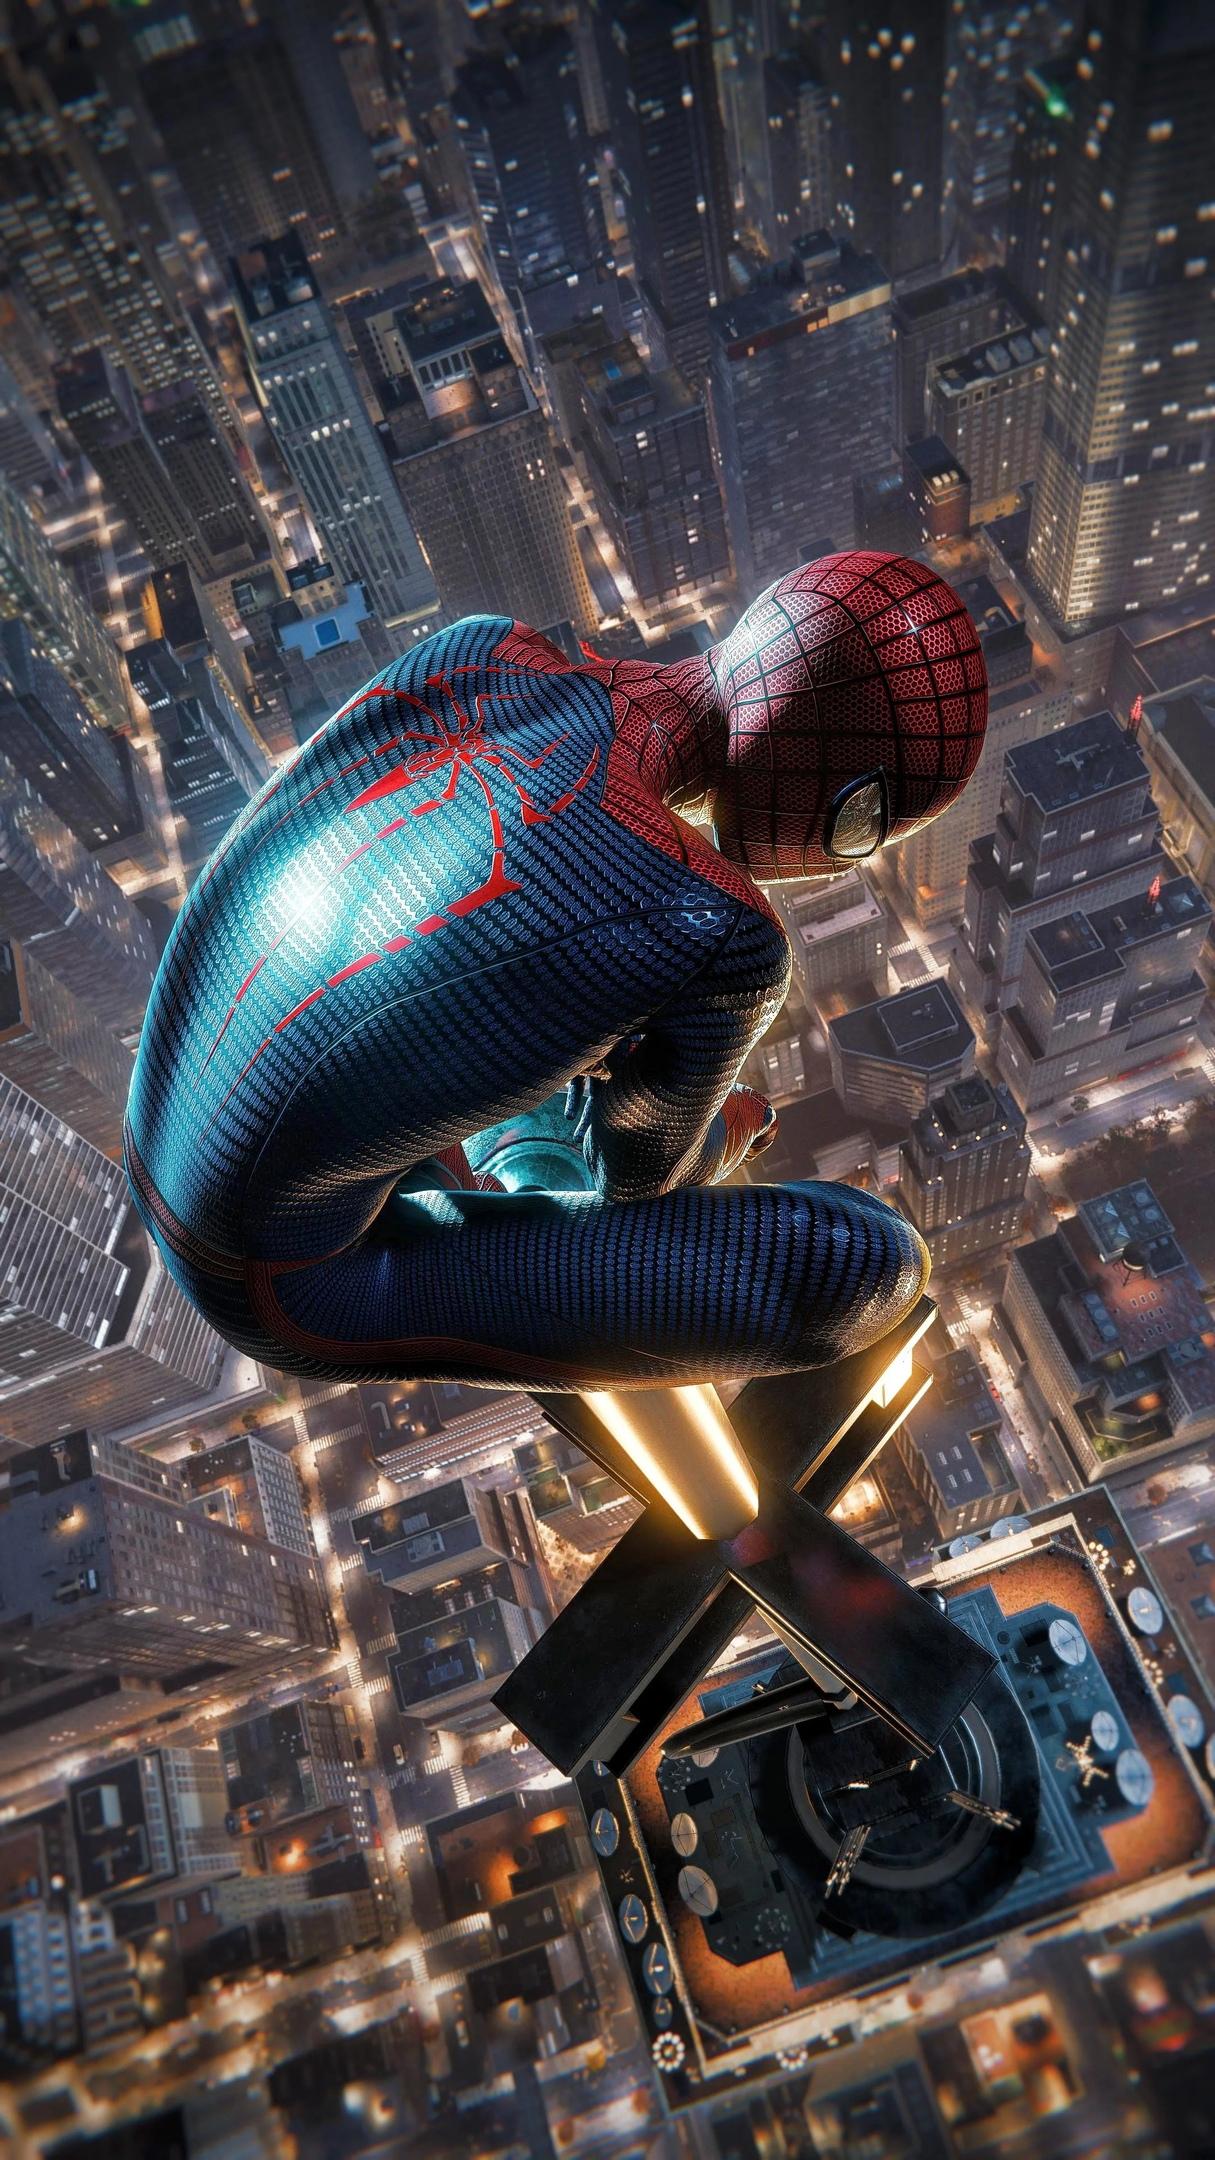 Ровно три года назад, 7 сентября 2018 года, состоялась релиз великолепной Spider-Man от Insomniac Games